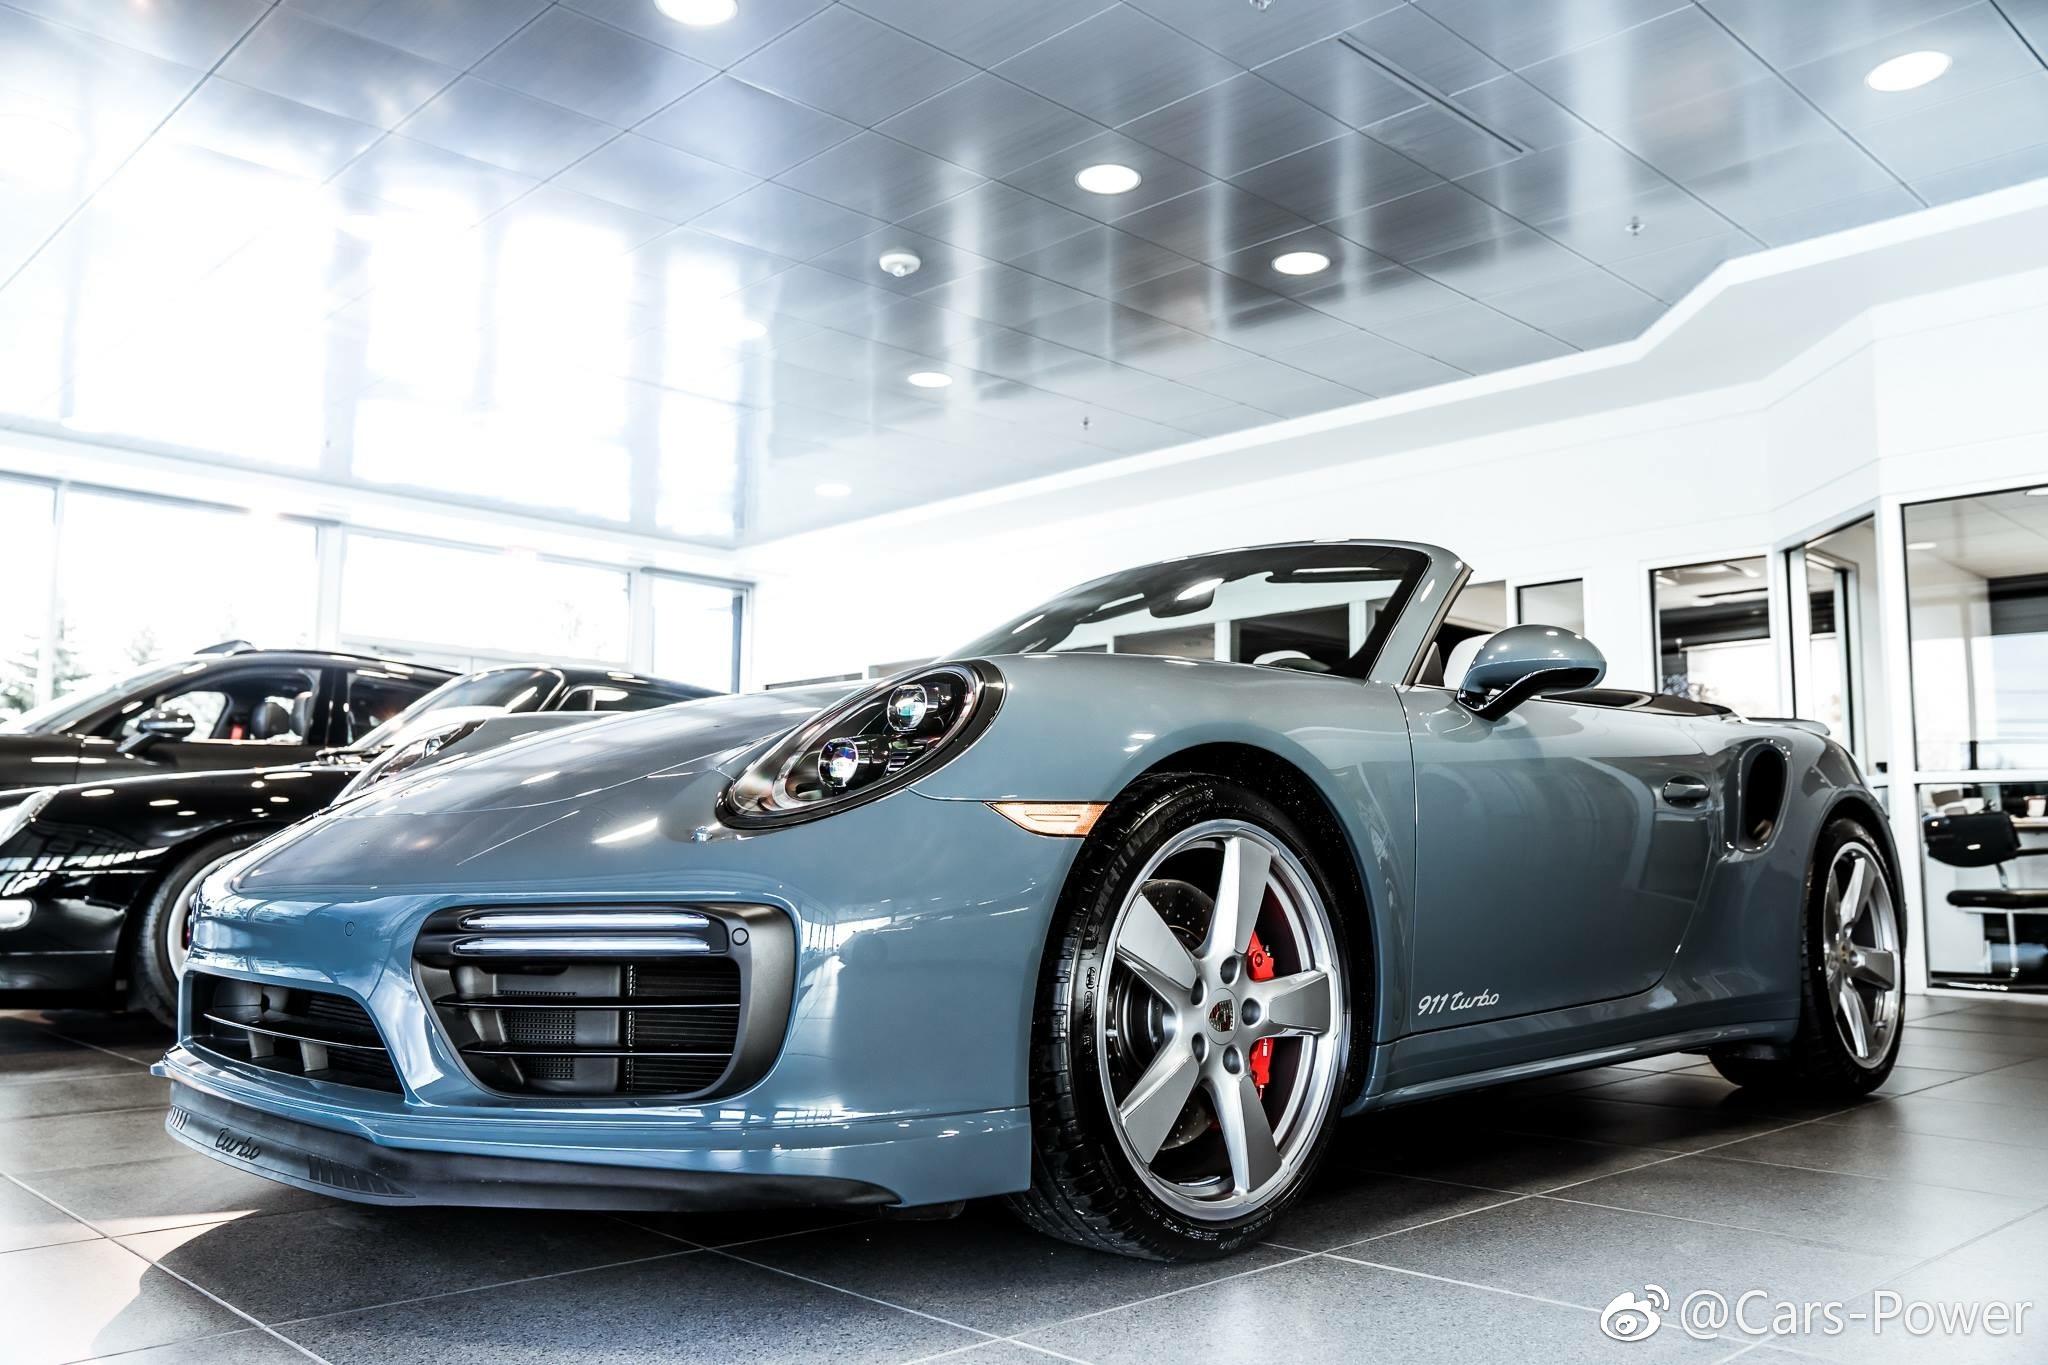 Graphite <em>blue</em> Porsche 911 Turbo